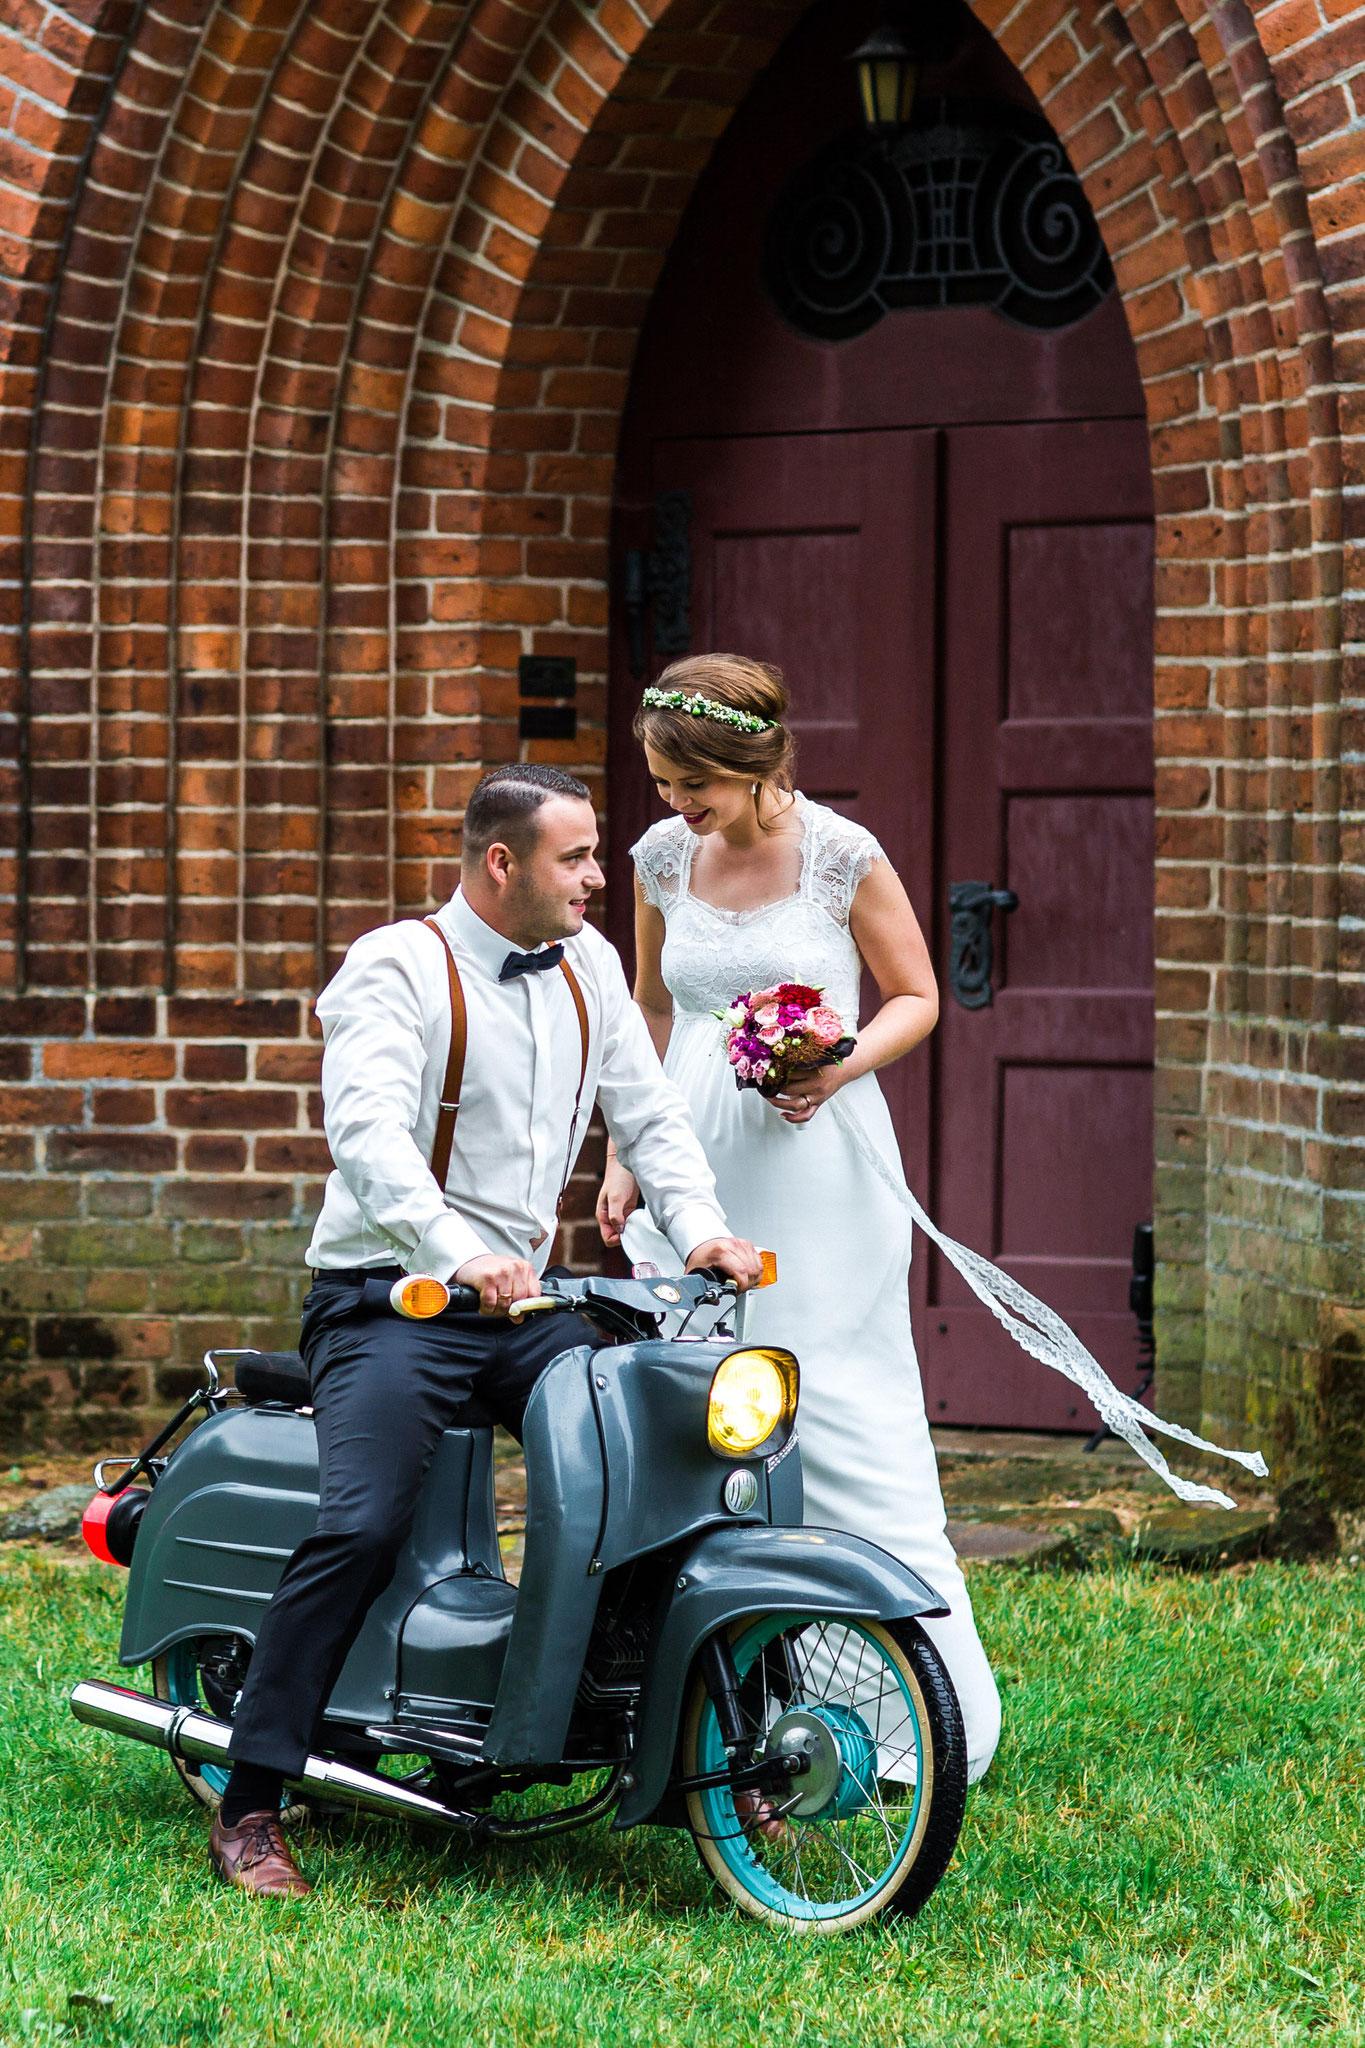 Zum Brautpaarshooting auf dem Moped